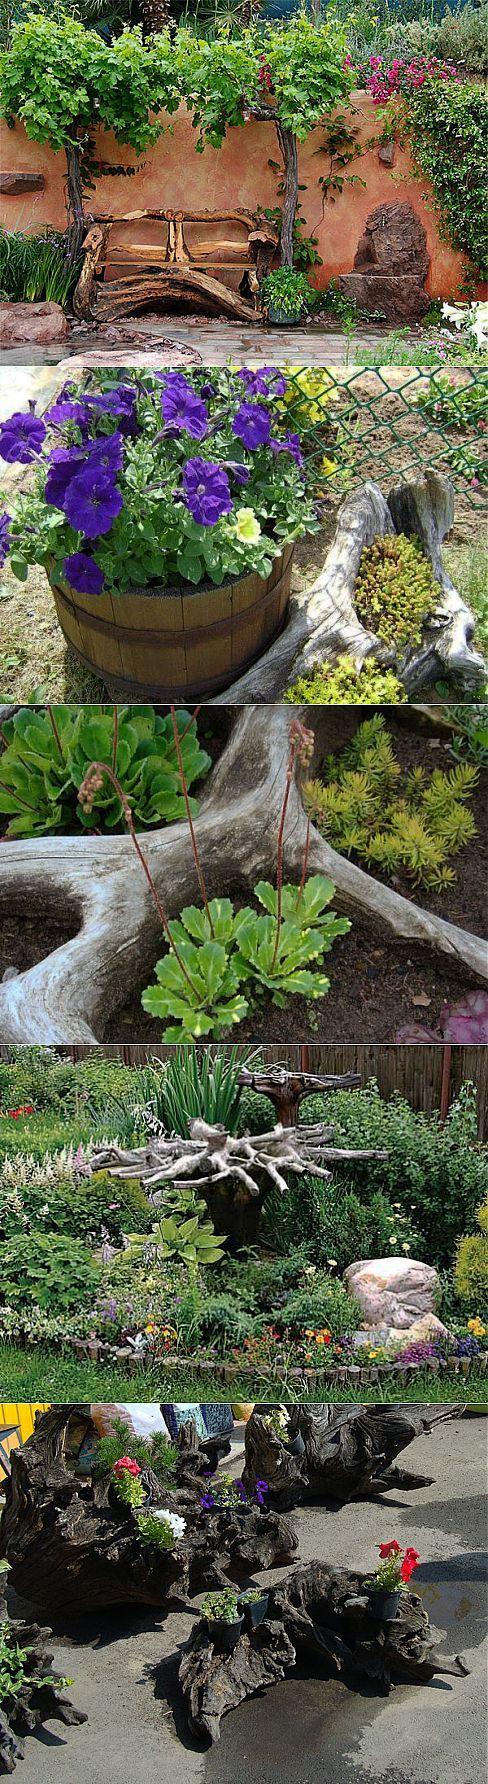 Пни, корни и коряги: рутарий в саду своими руками | СДЕЛАЙ САМ! | Цветы | Постила